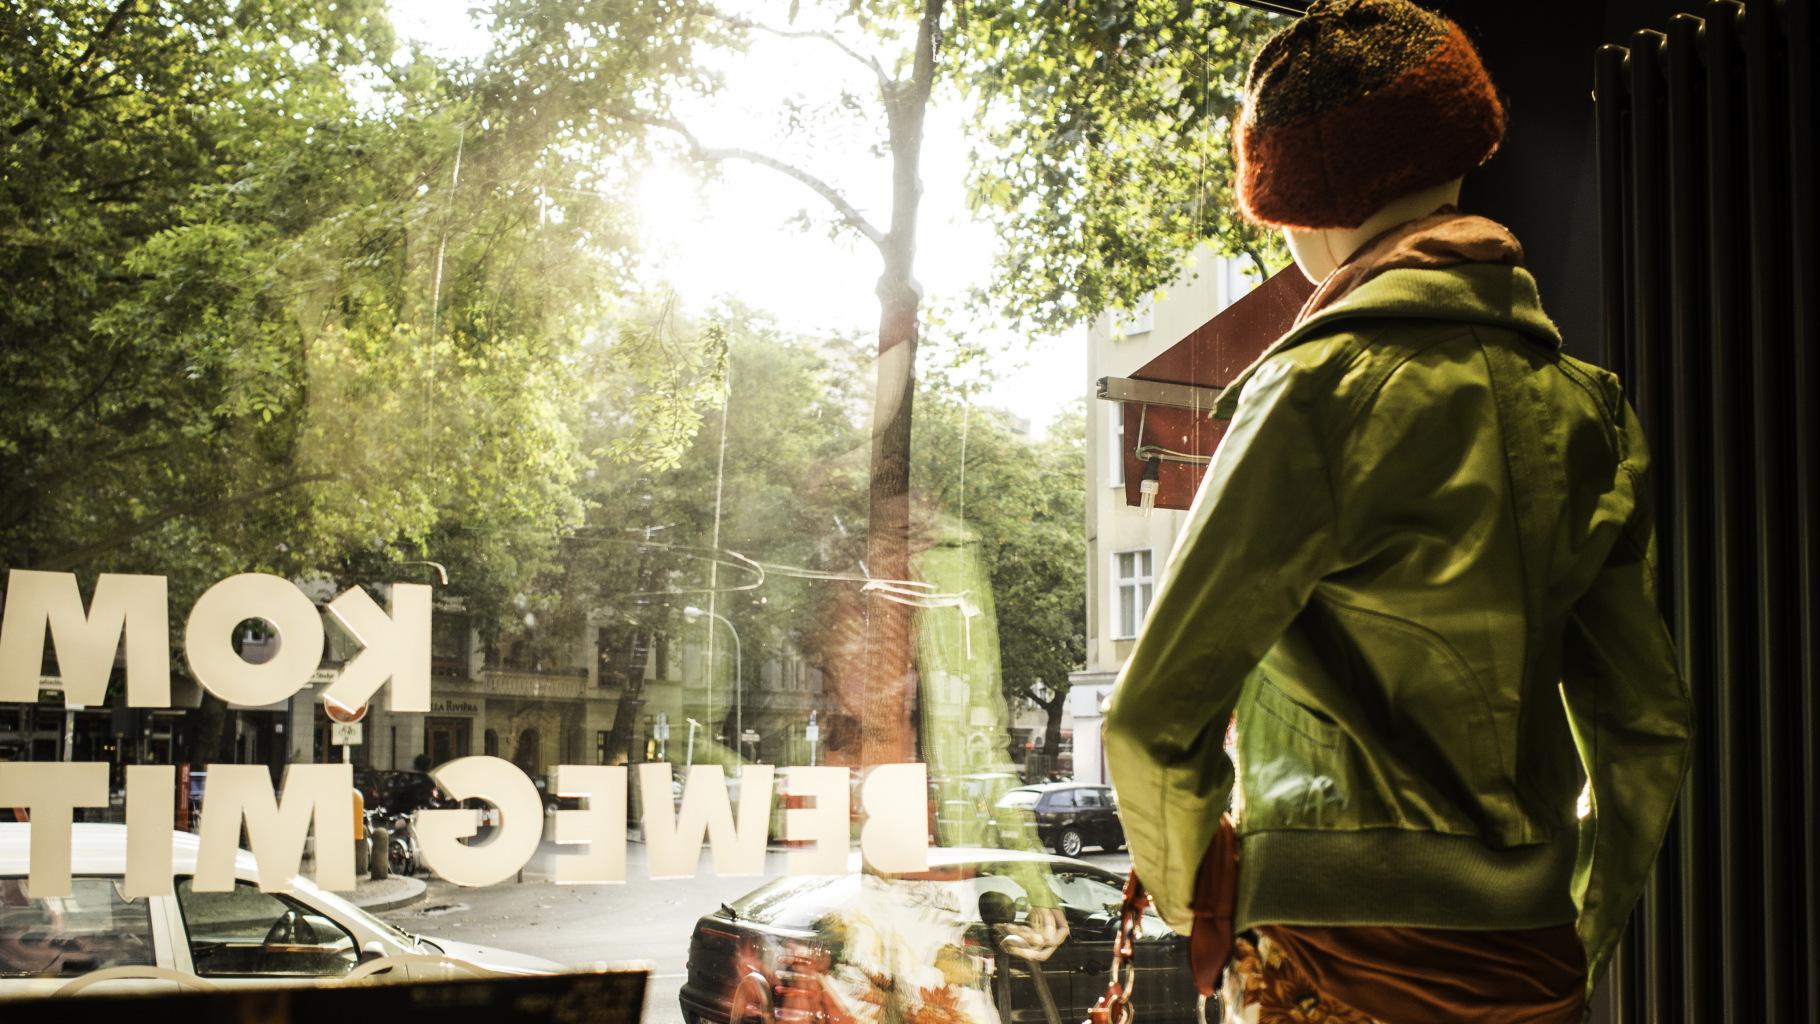 Herbstmode im Schaufenster eines Oxfam Shops